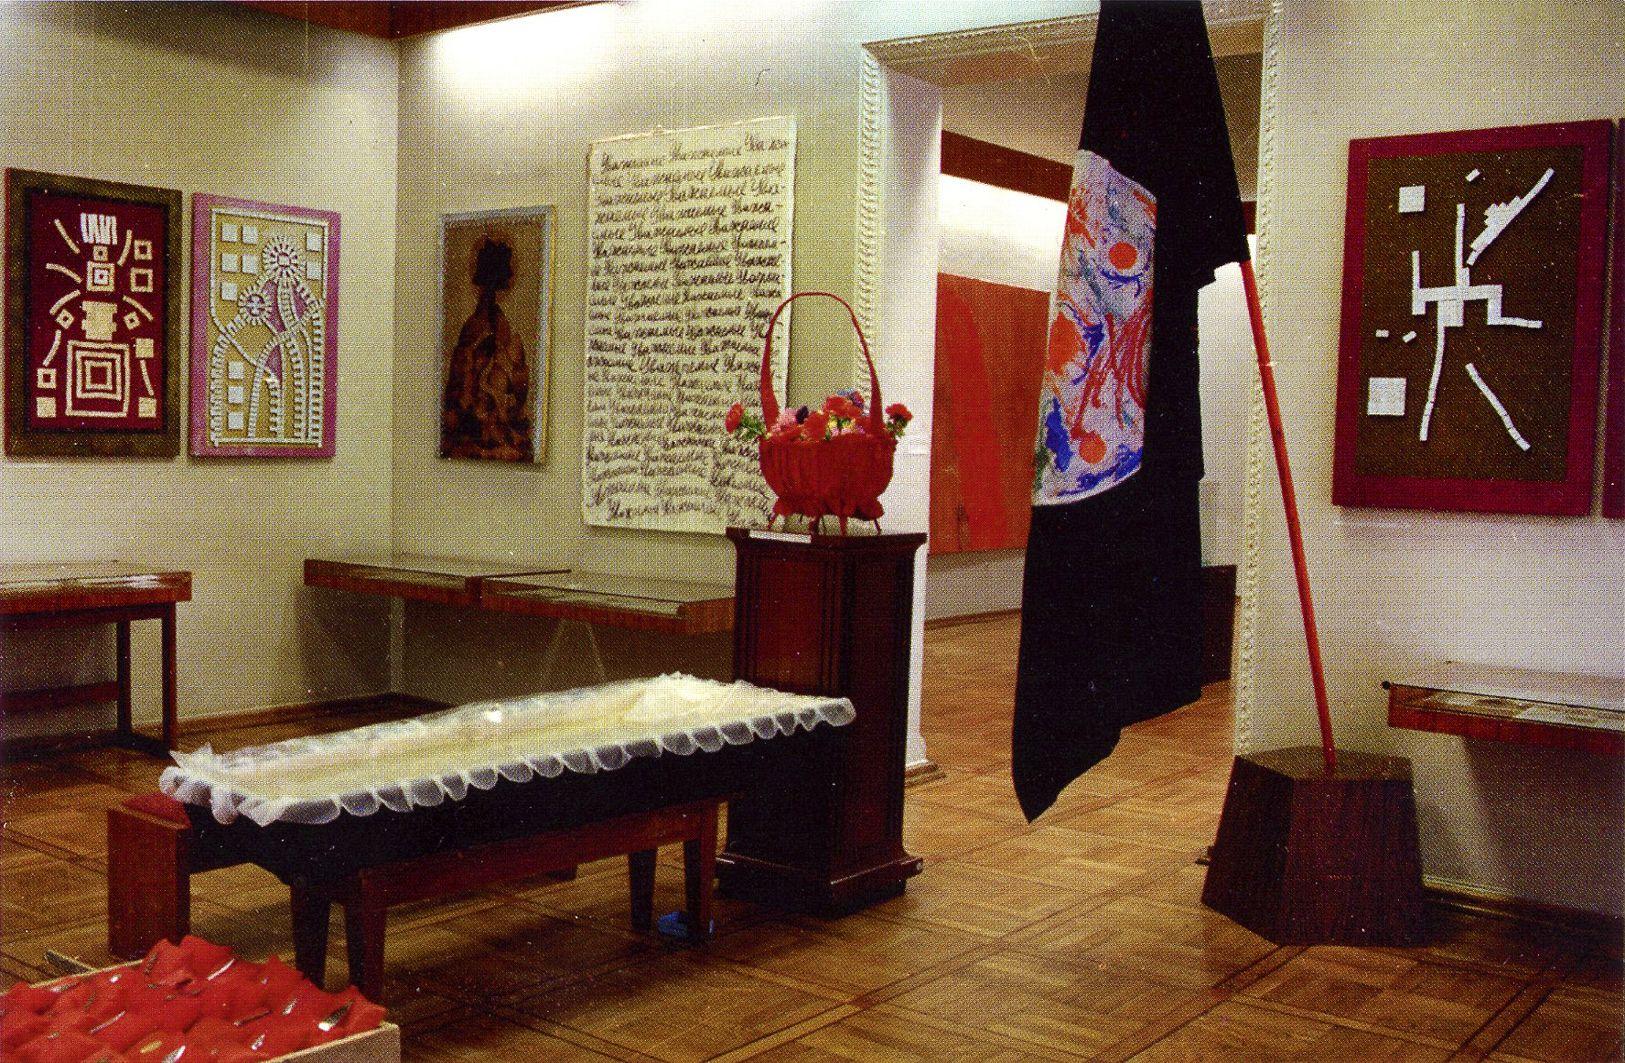 Платон Сильвестров. Зала Платона Сильвестрова, «Дефлорація», 1990, Львів